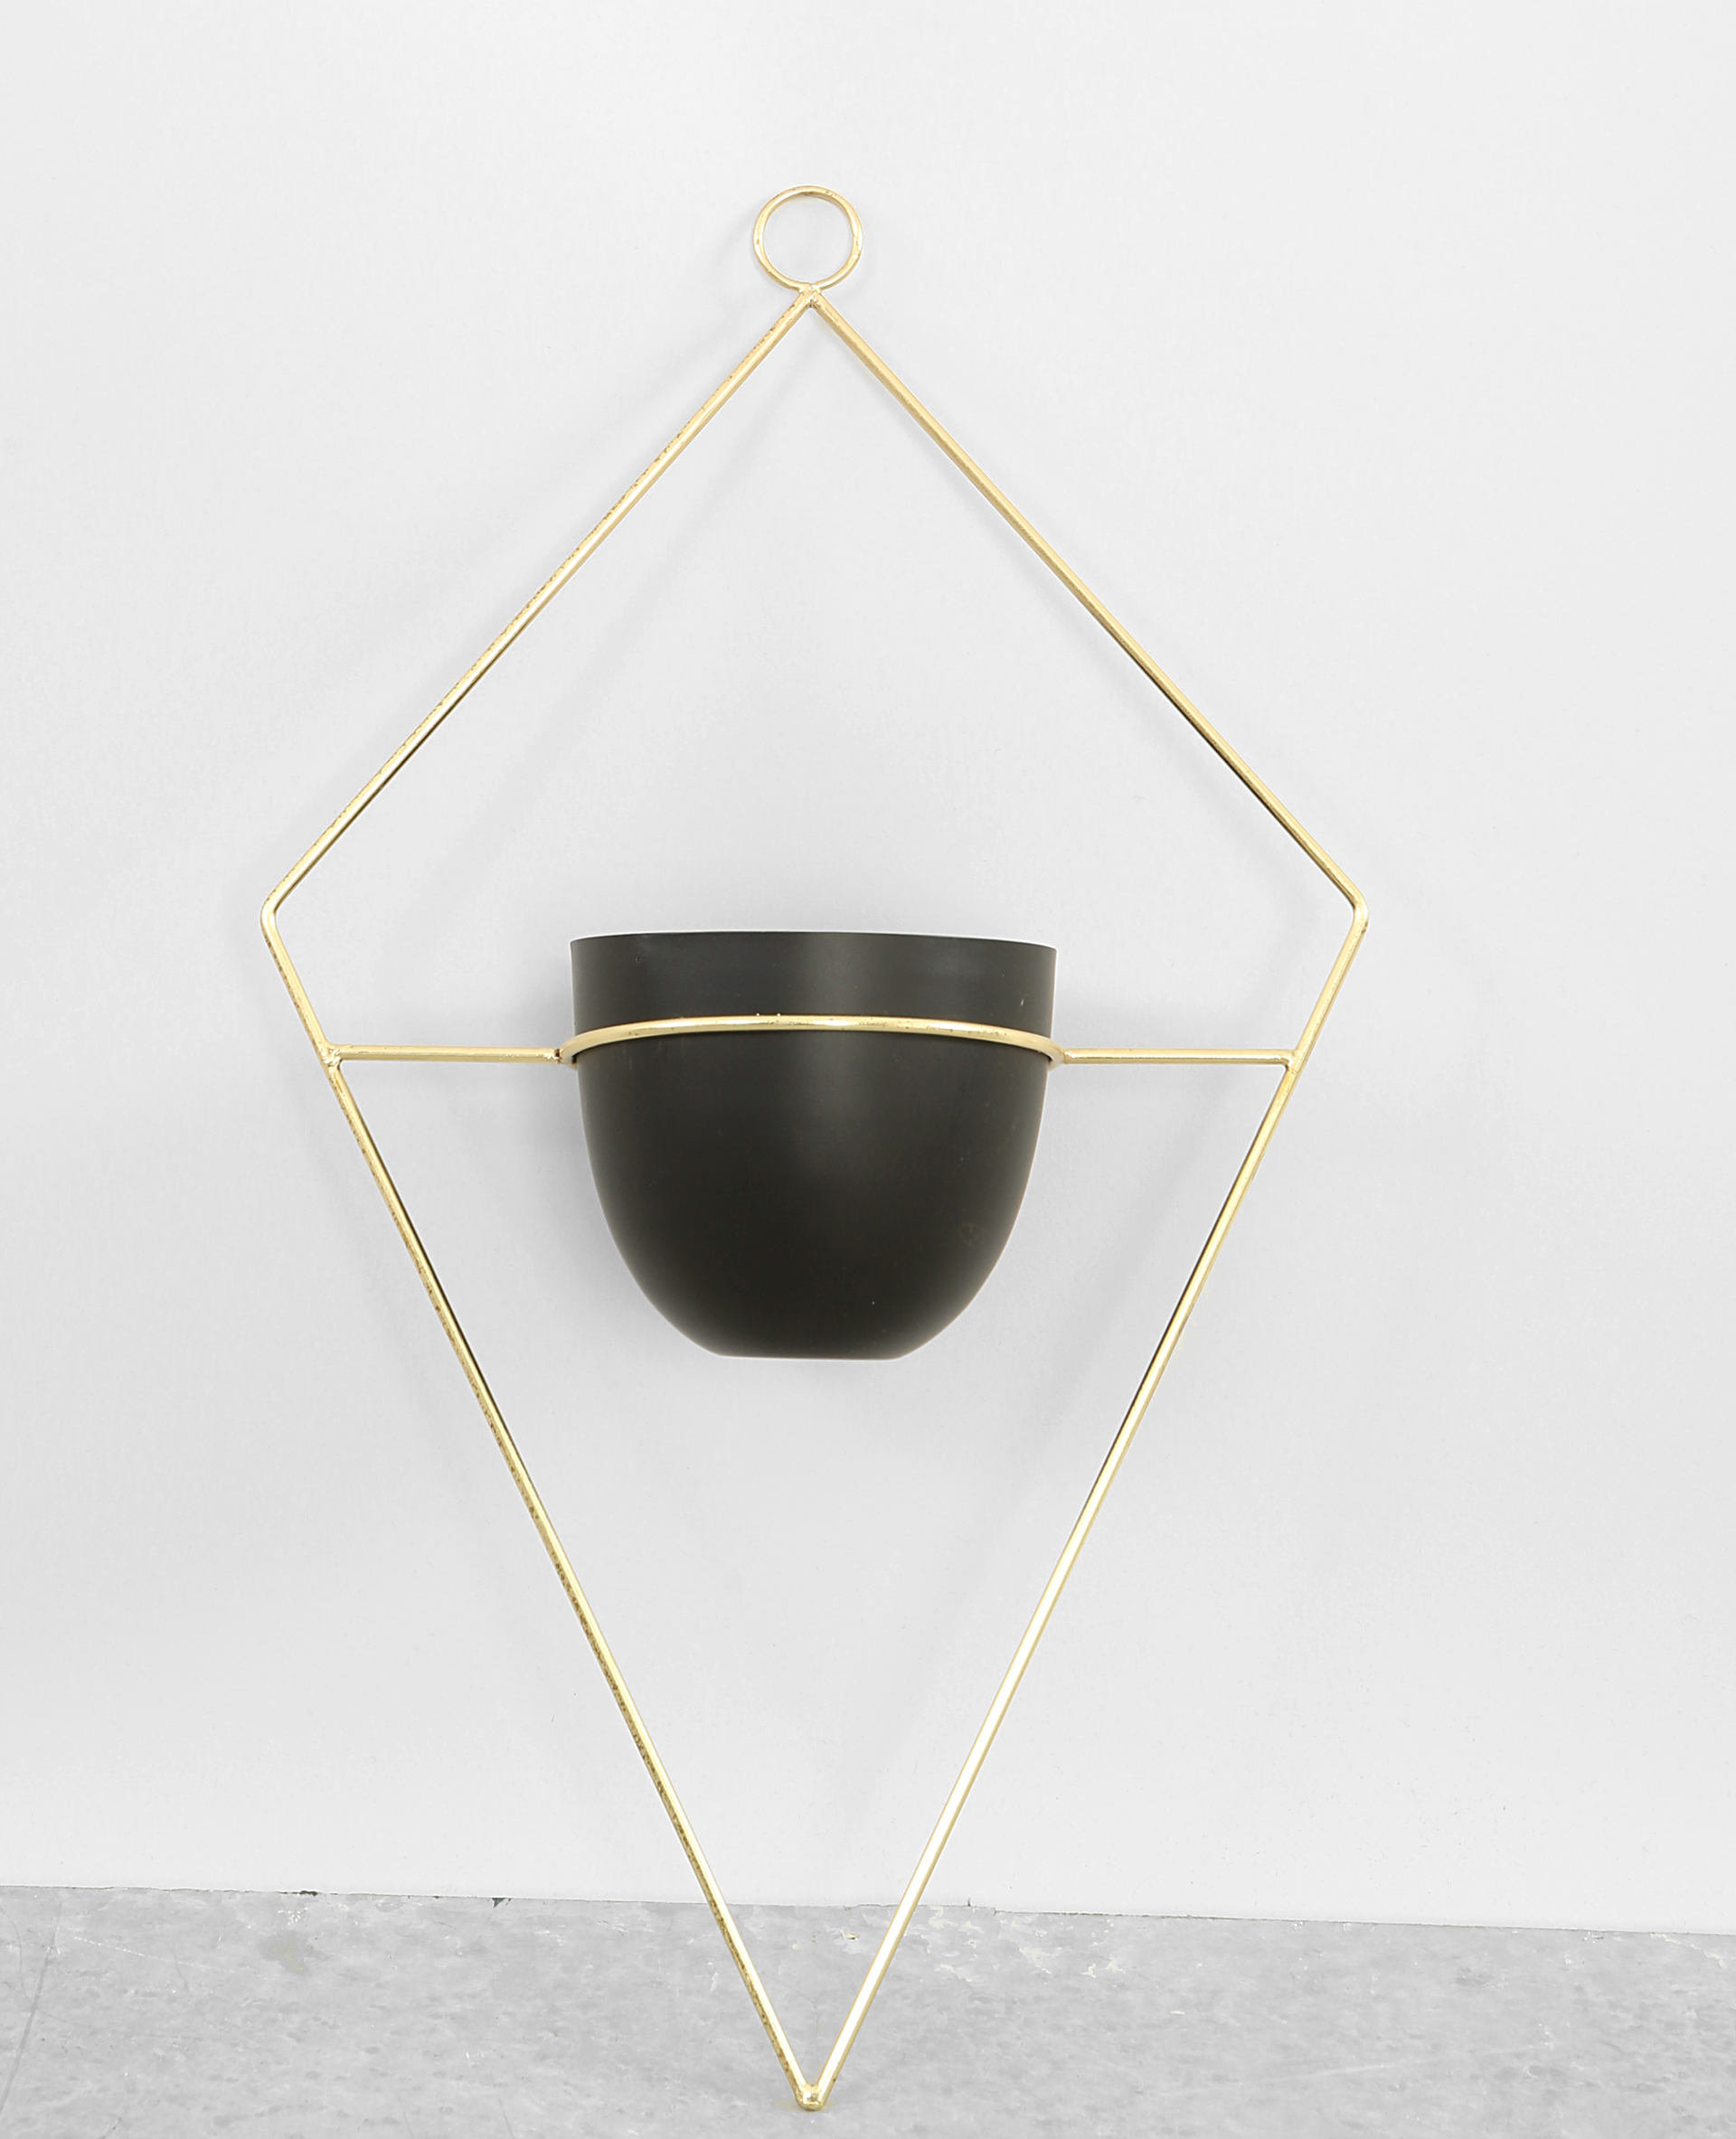 suspension cache pot dor 902990g06a0g pimkie. Black Bedroom Furniture Sets. Home Design Ideas